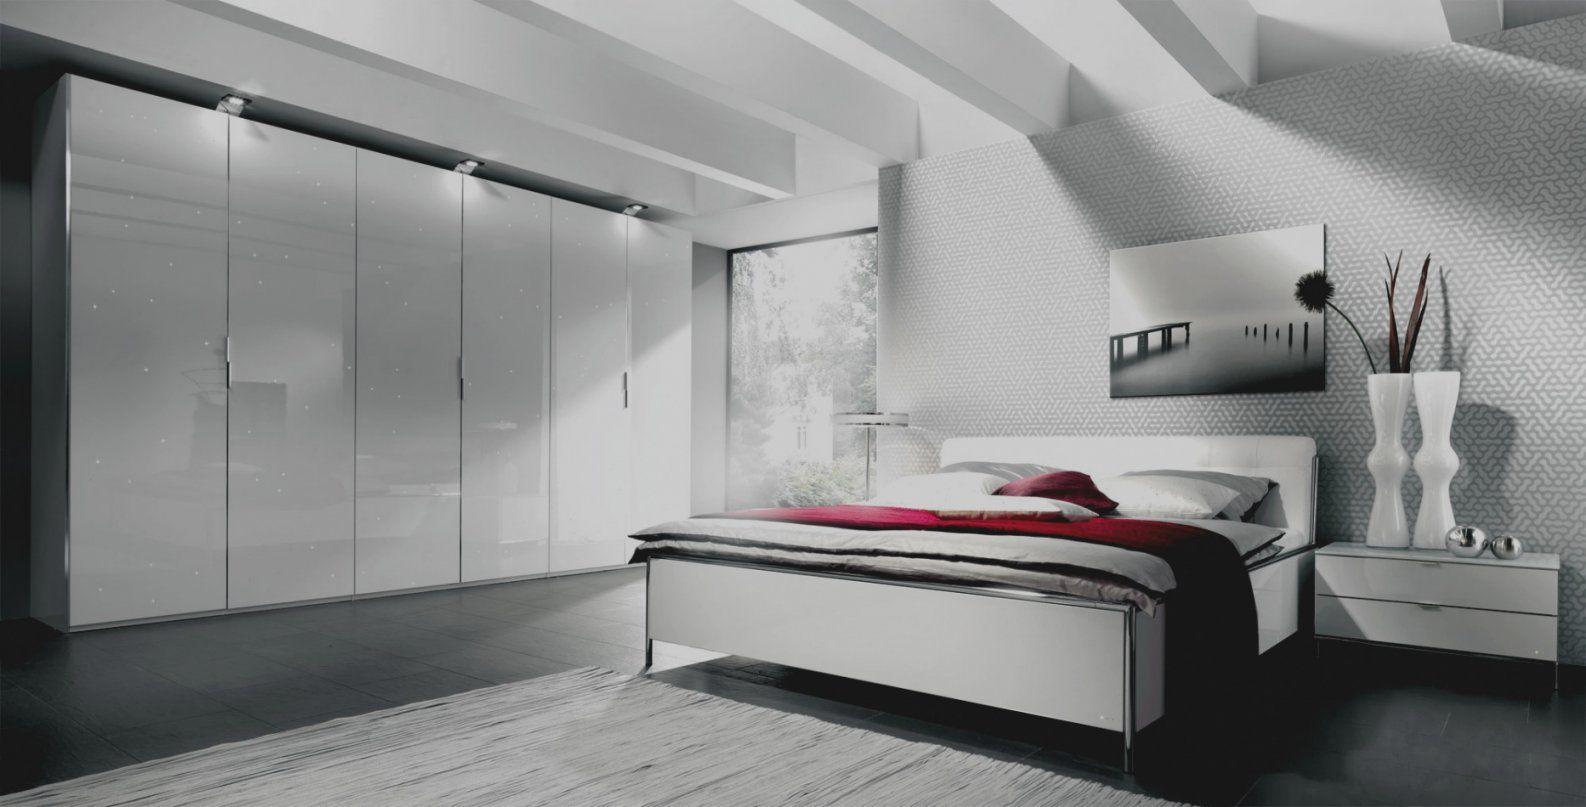 Wunderbare Schlafzimmer Komplett Weis Hochglanz Silent Weiss 4 von Schlafzimmer Komplett Hochglanz Weiss Photo